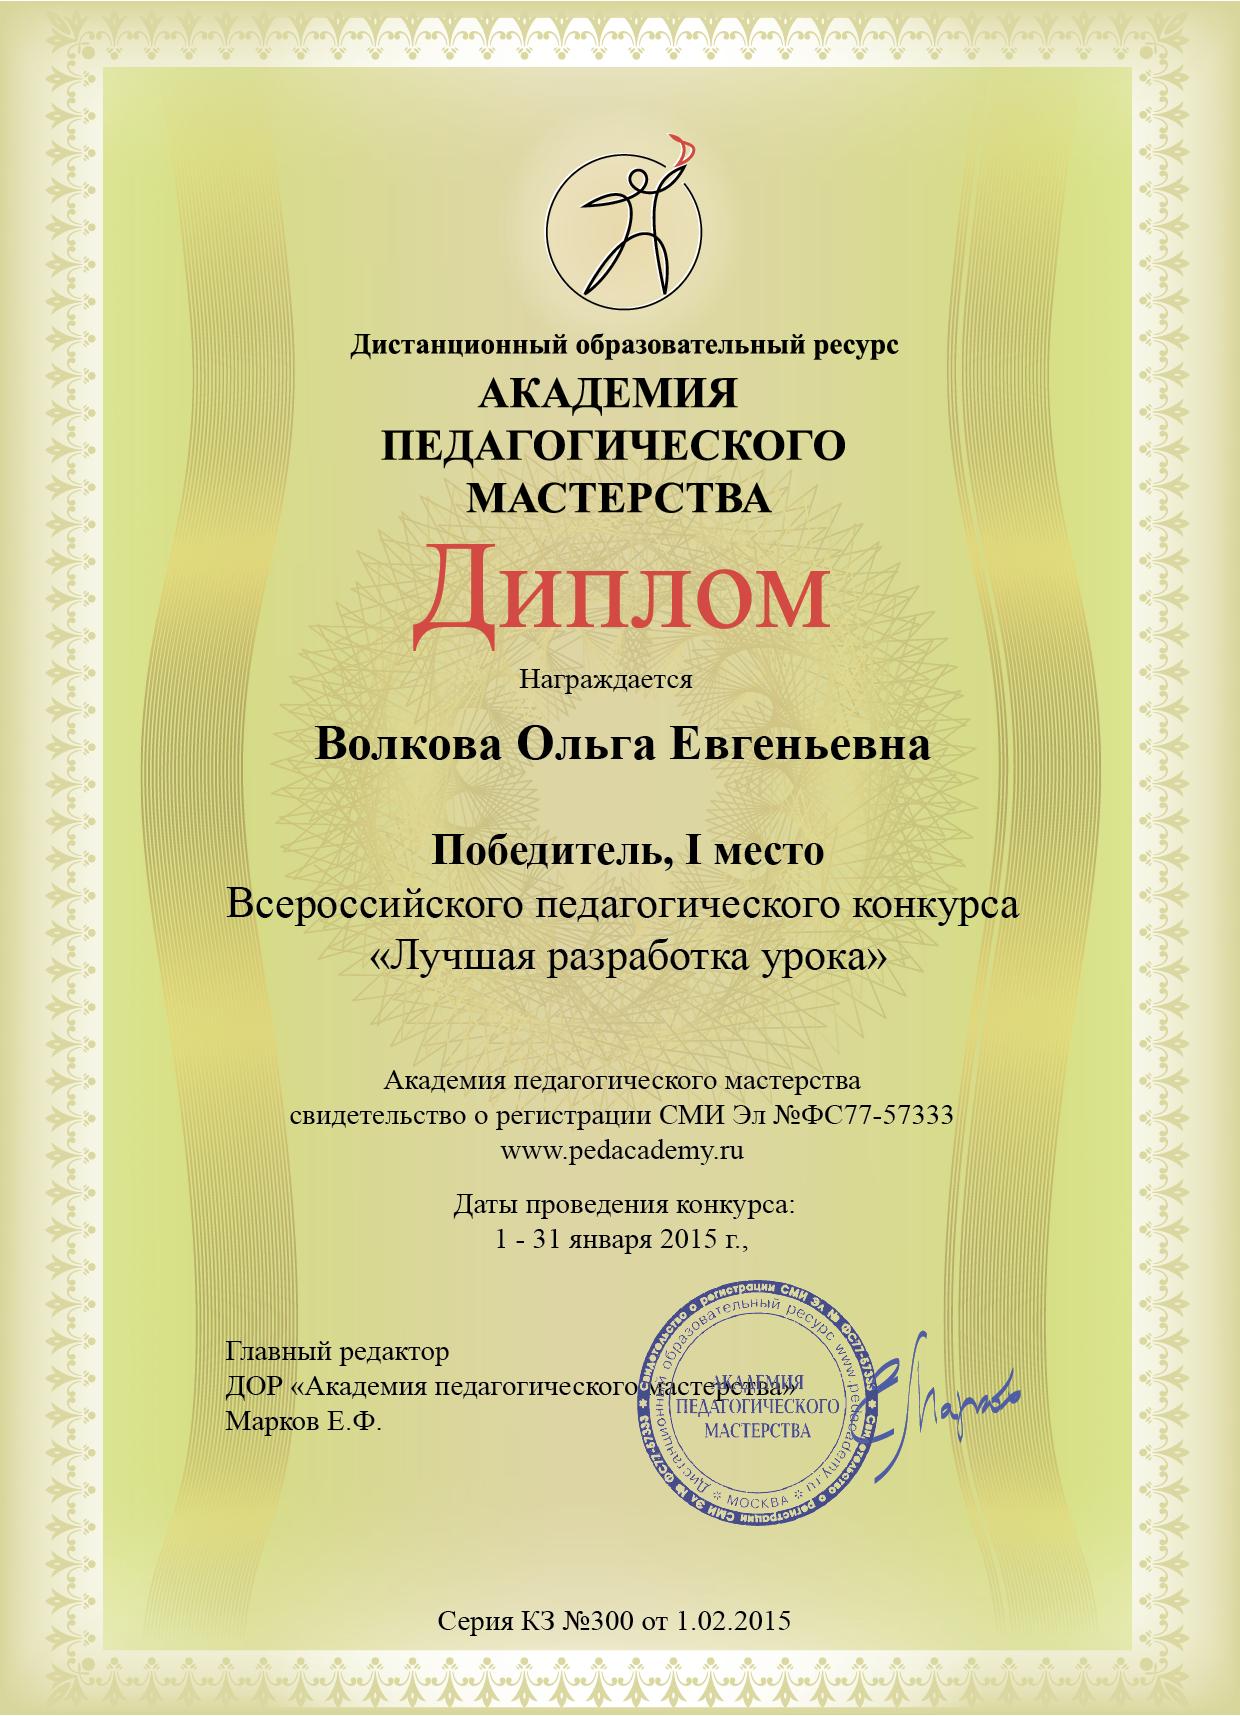 Статьи и конкурсы для учителей и воспитателей Академия  Диплом об участии в конкурсе